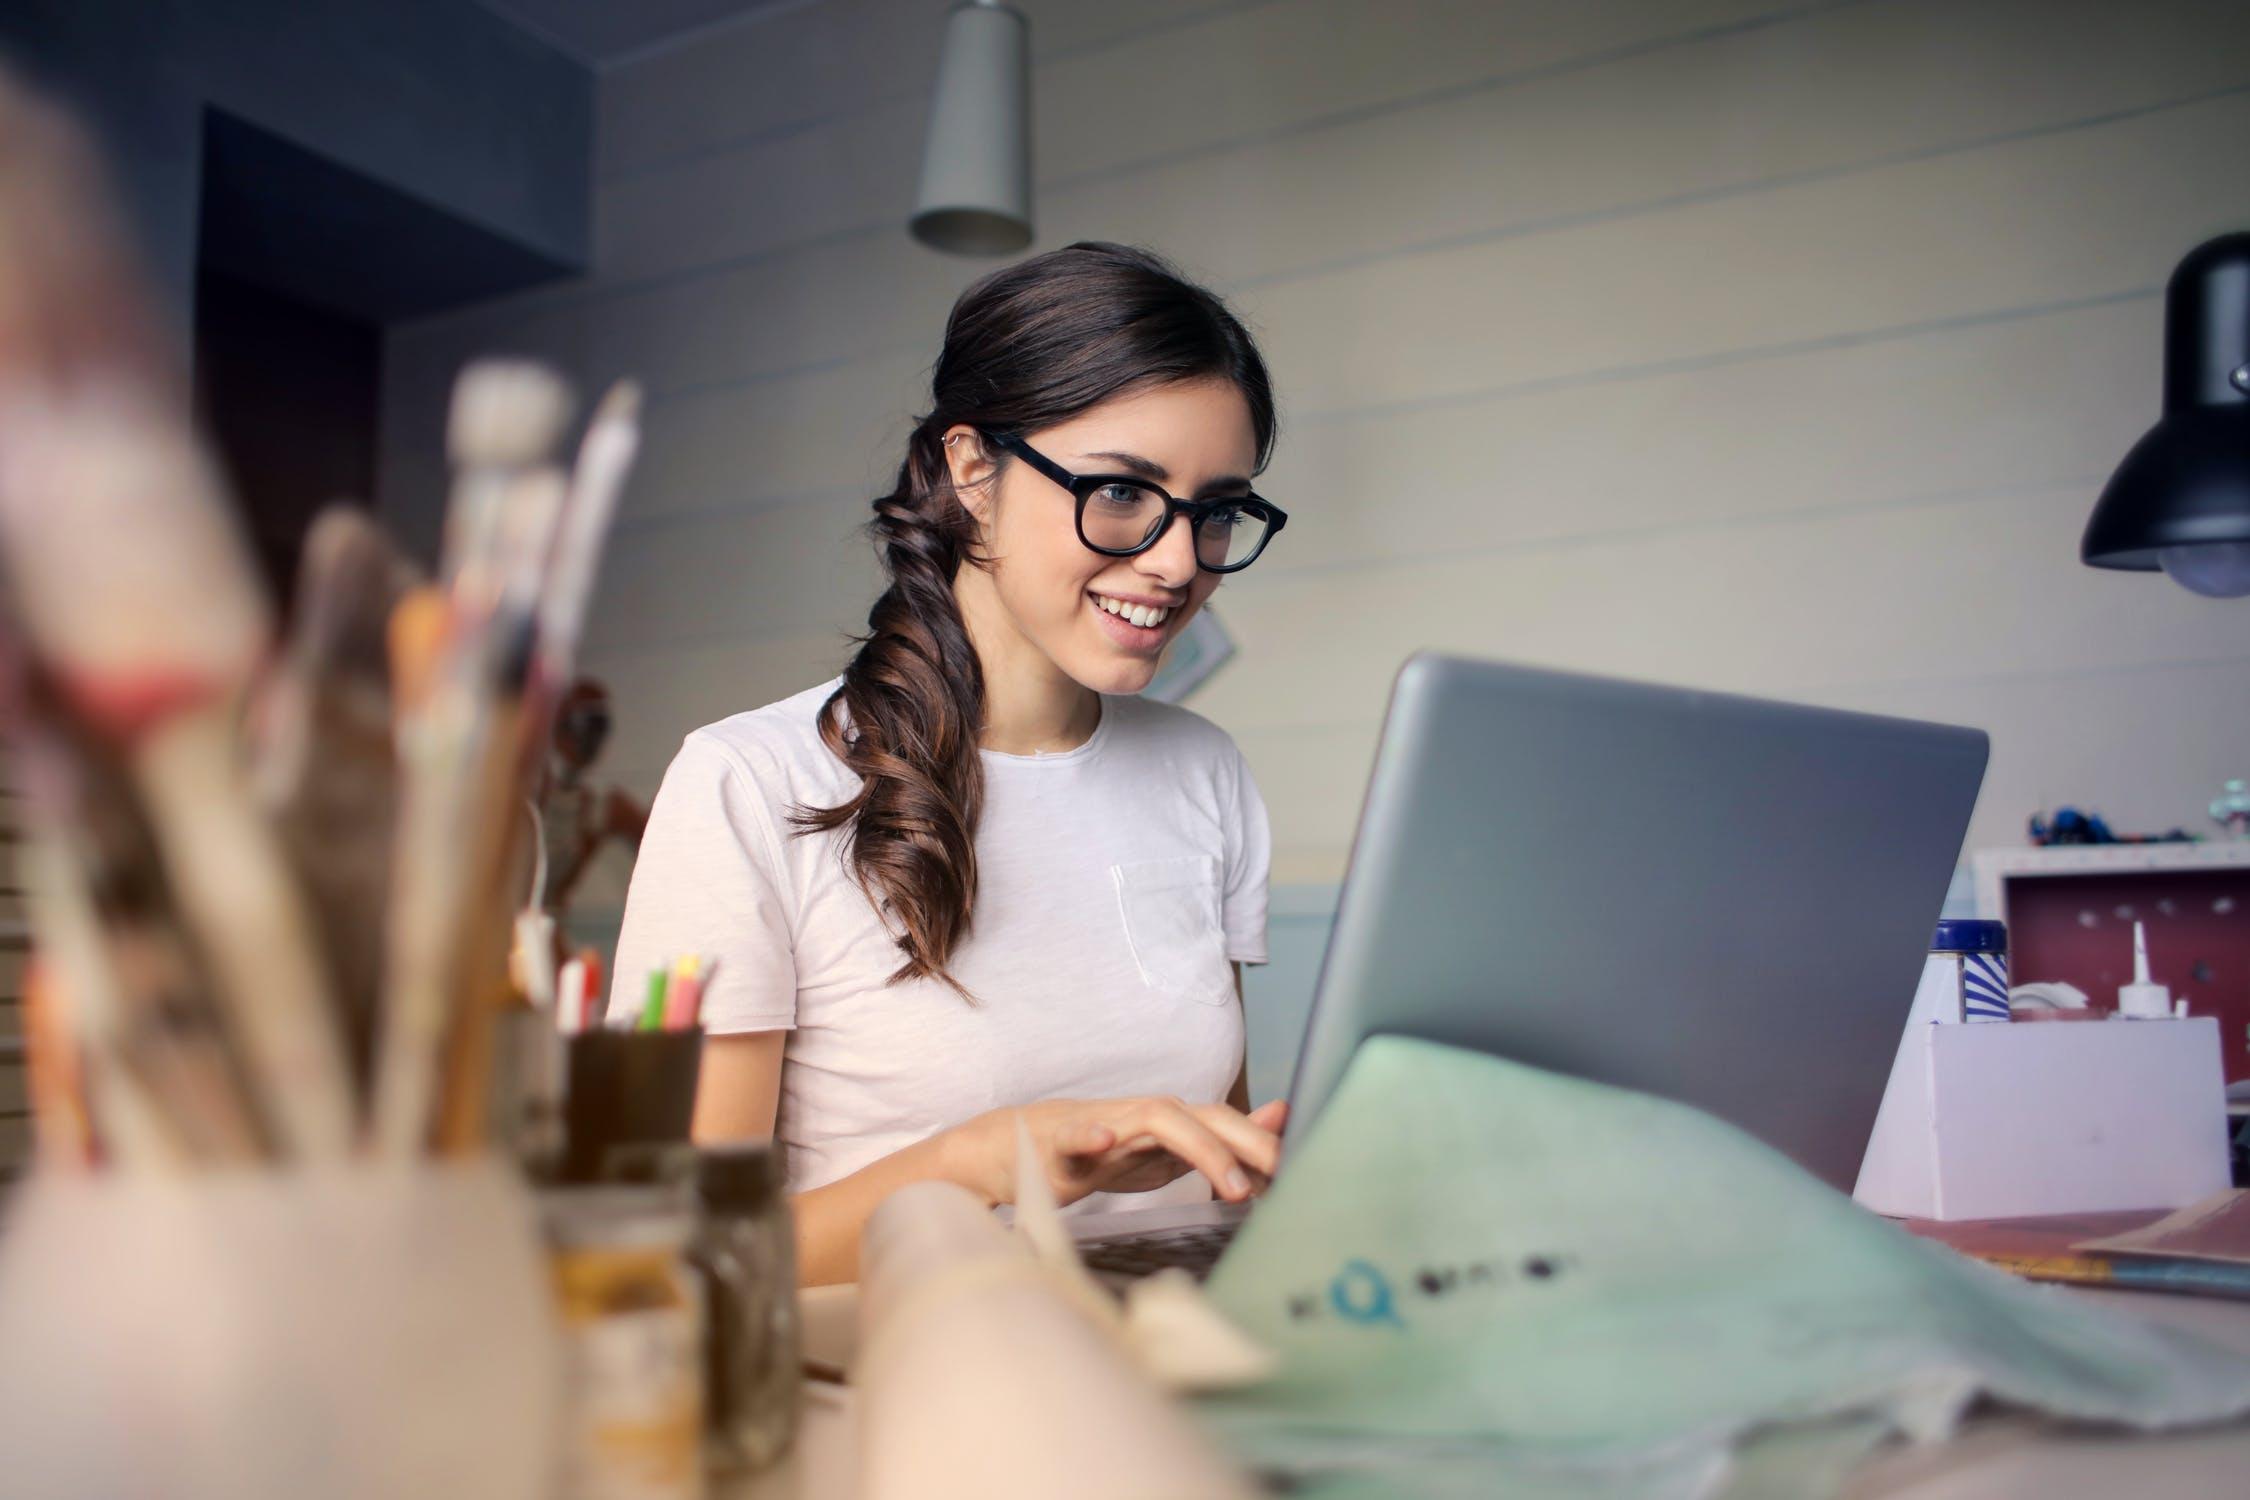 5 Rekomendasi Bisnis Modal Kecil Untung Besar untuk Pelajar